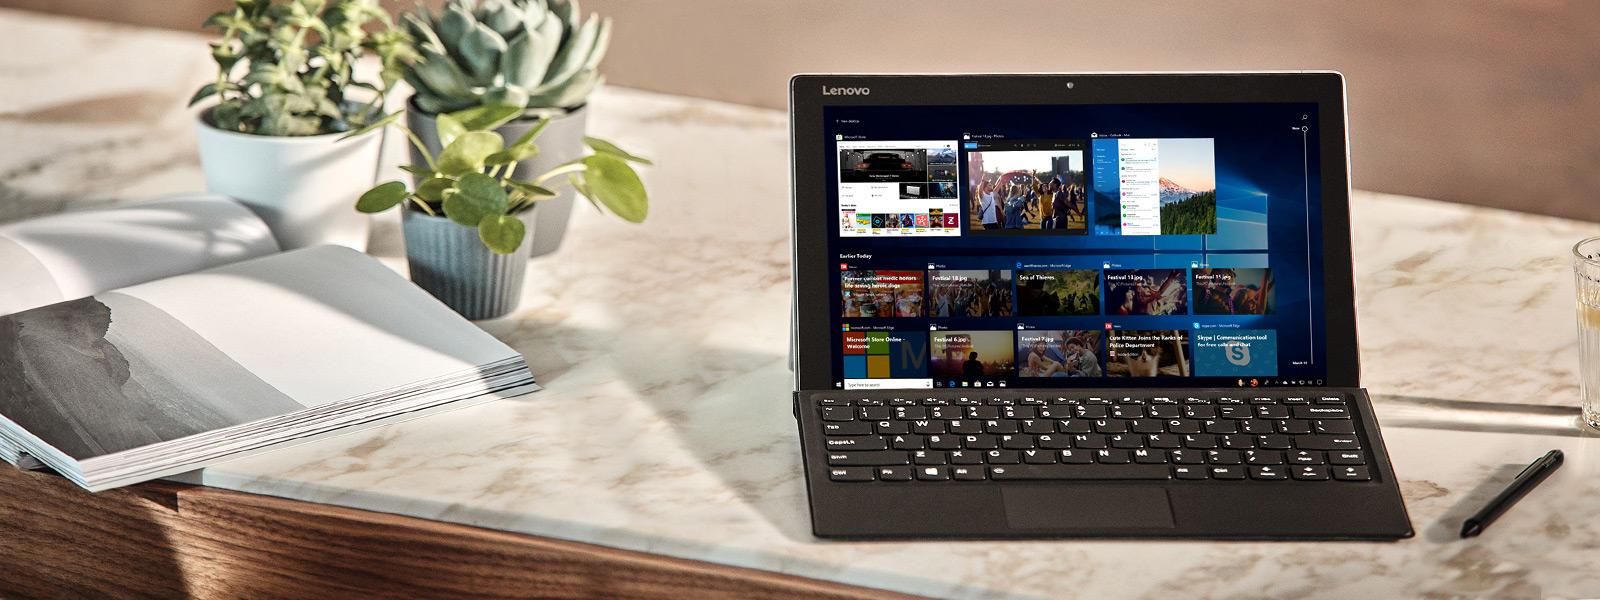 Екран комп'ютера, на якому показано функцію оновлення Windows 10 за квітень 2018 р.